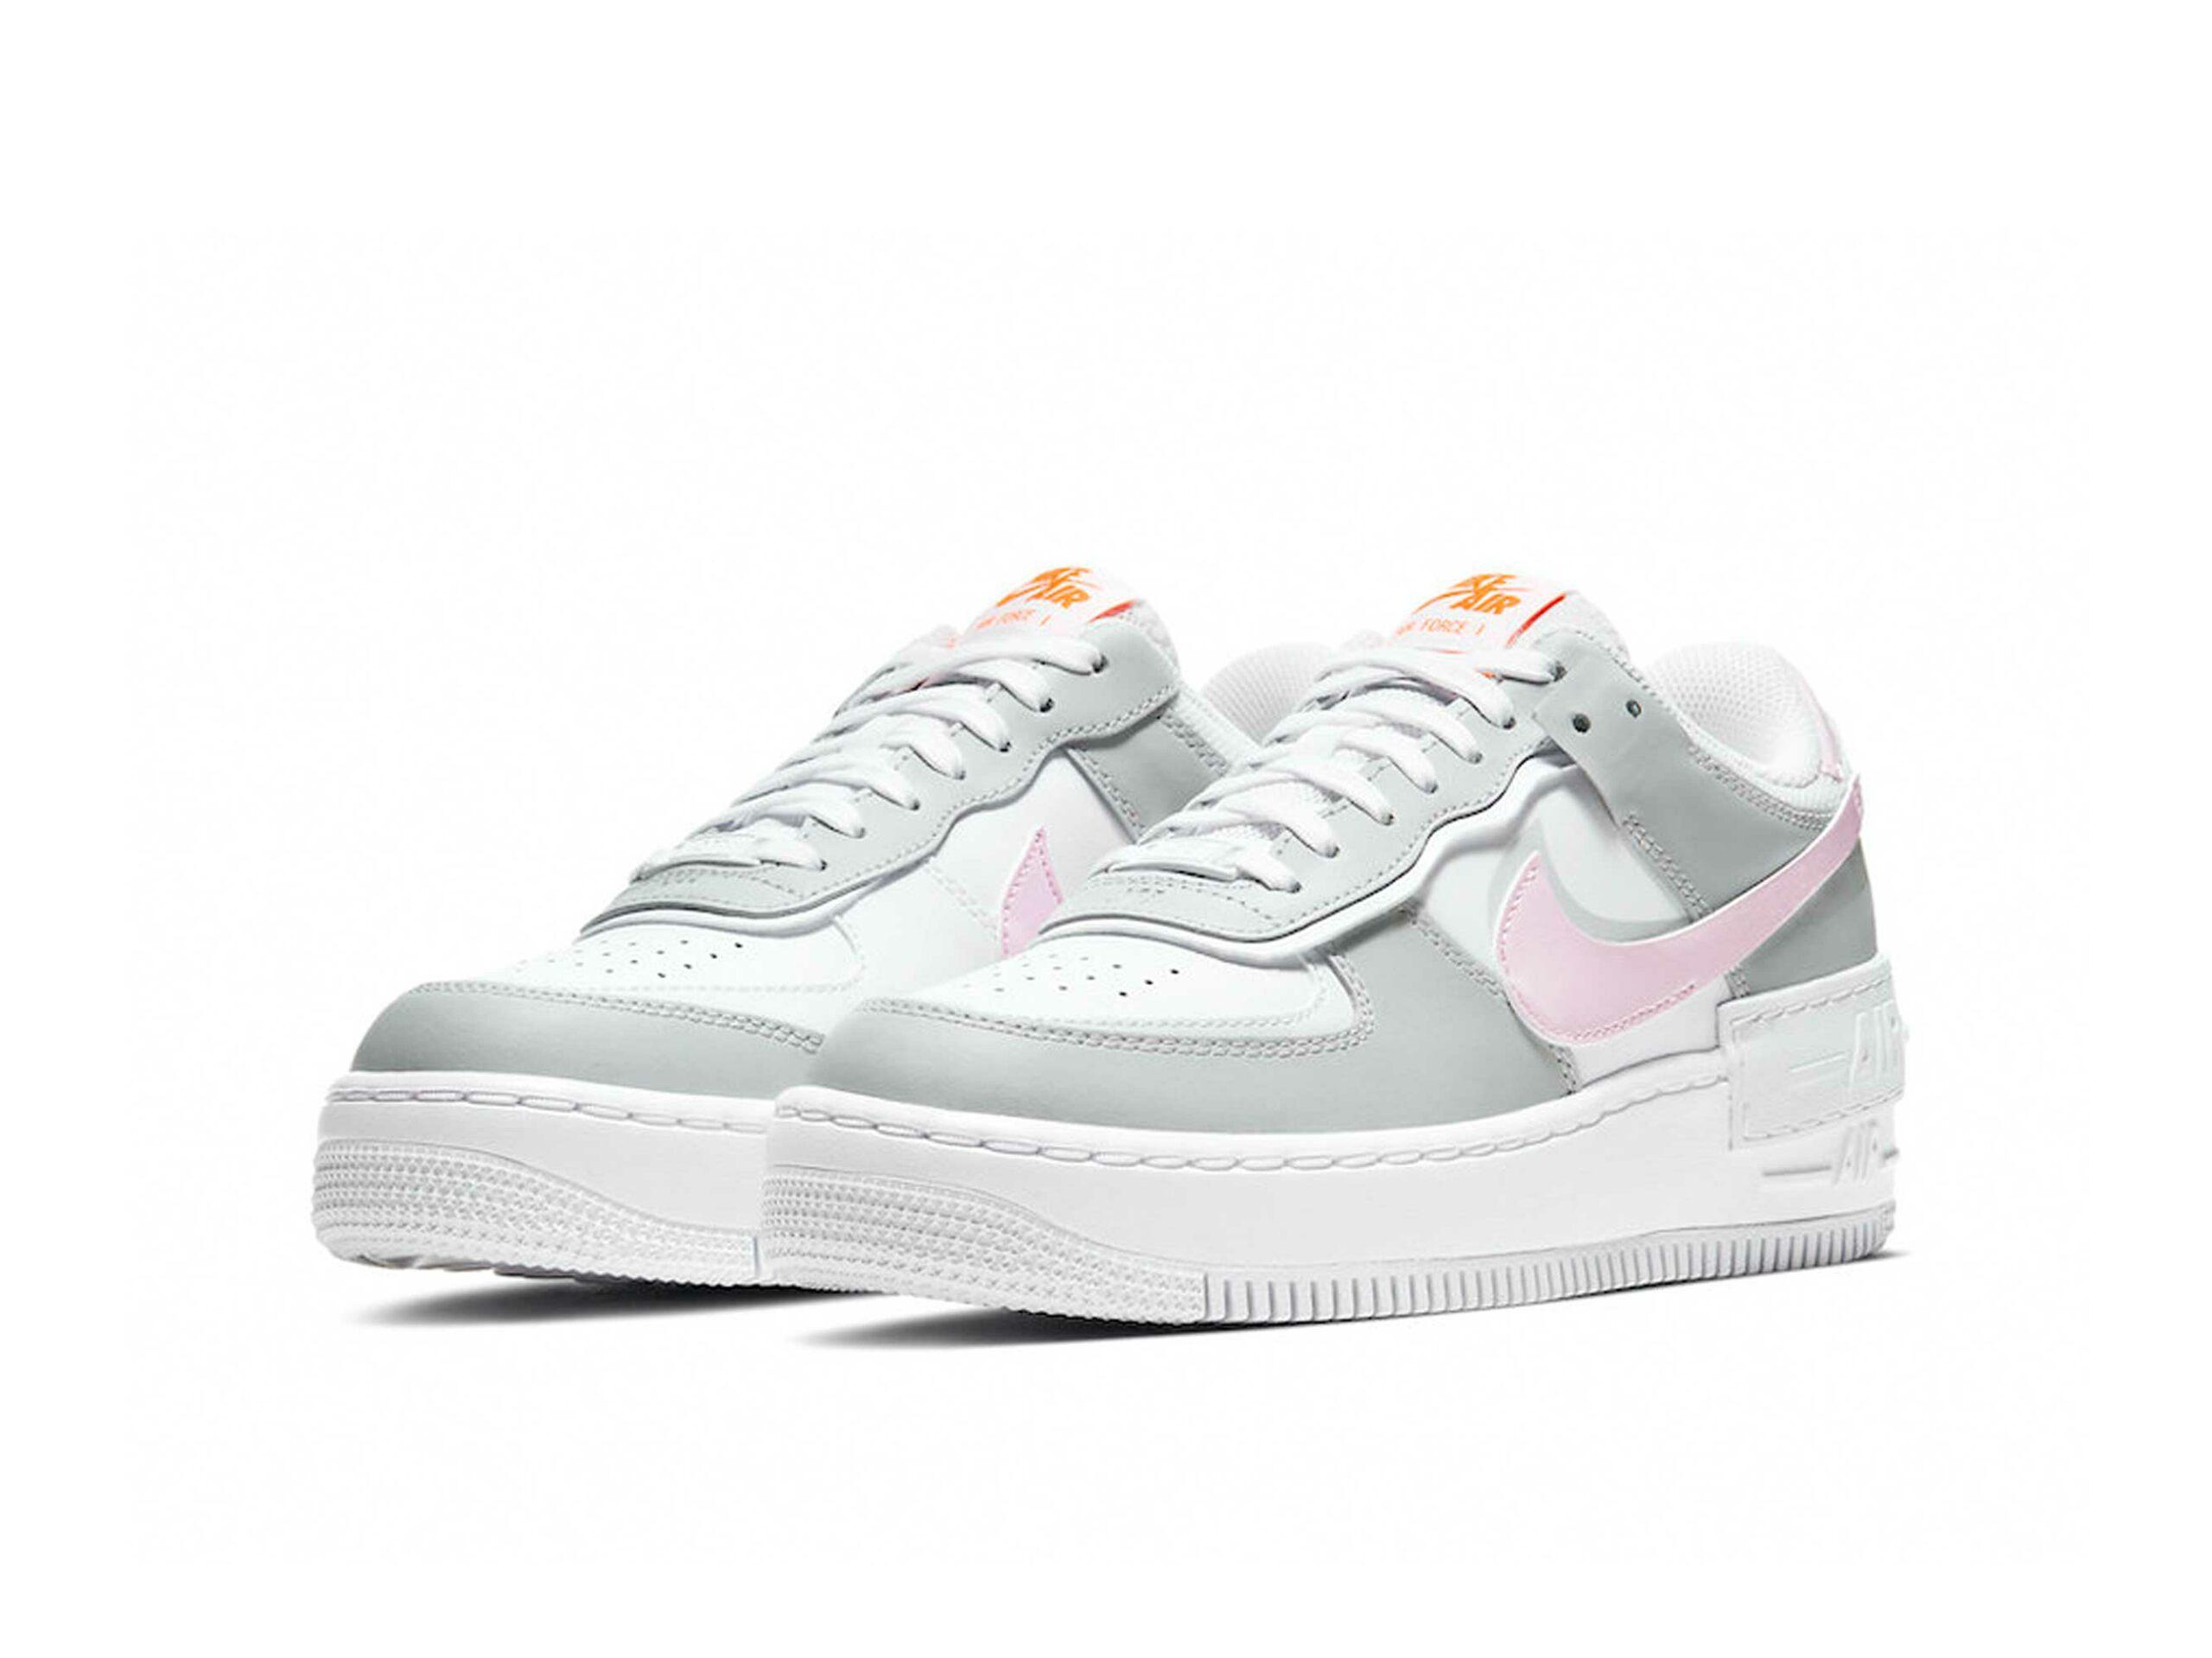 nike air force 1 shadow pink foam CZ0370_100 купить